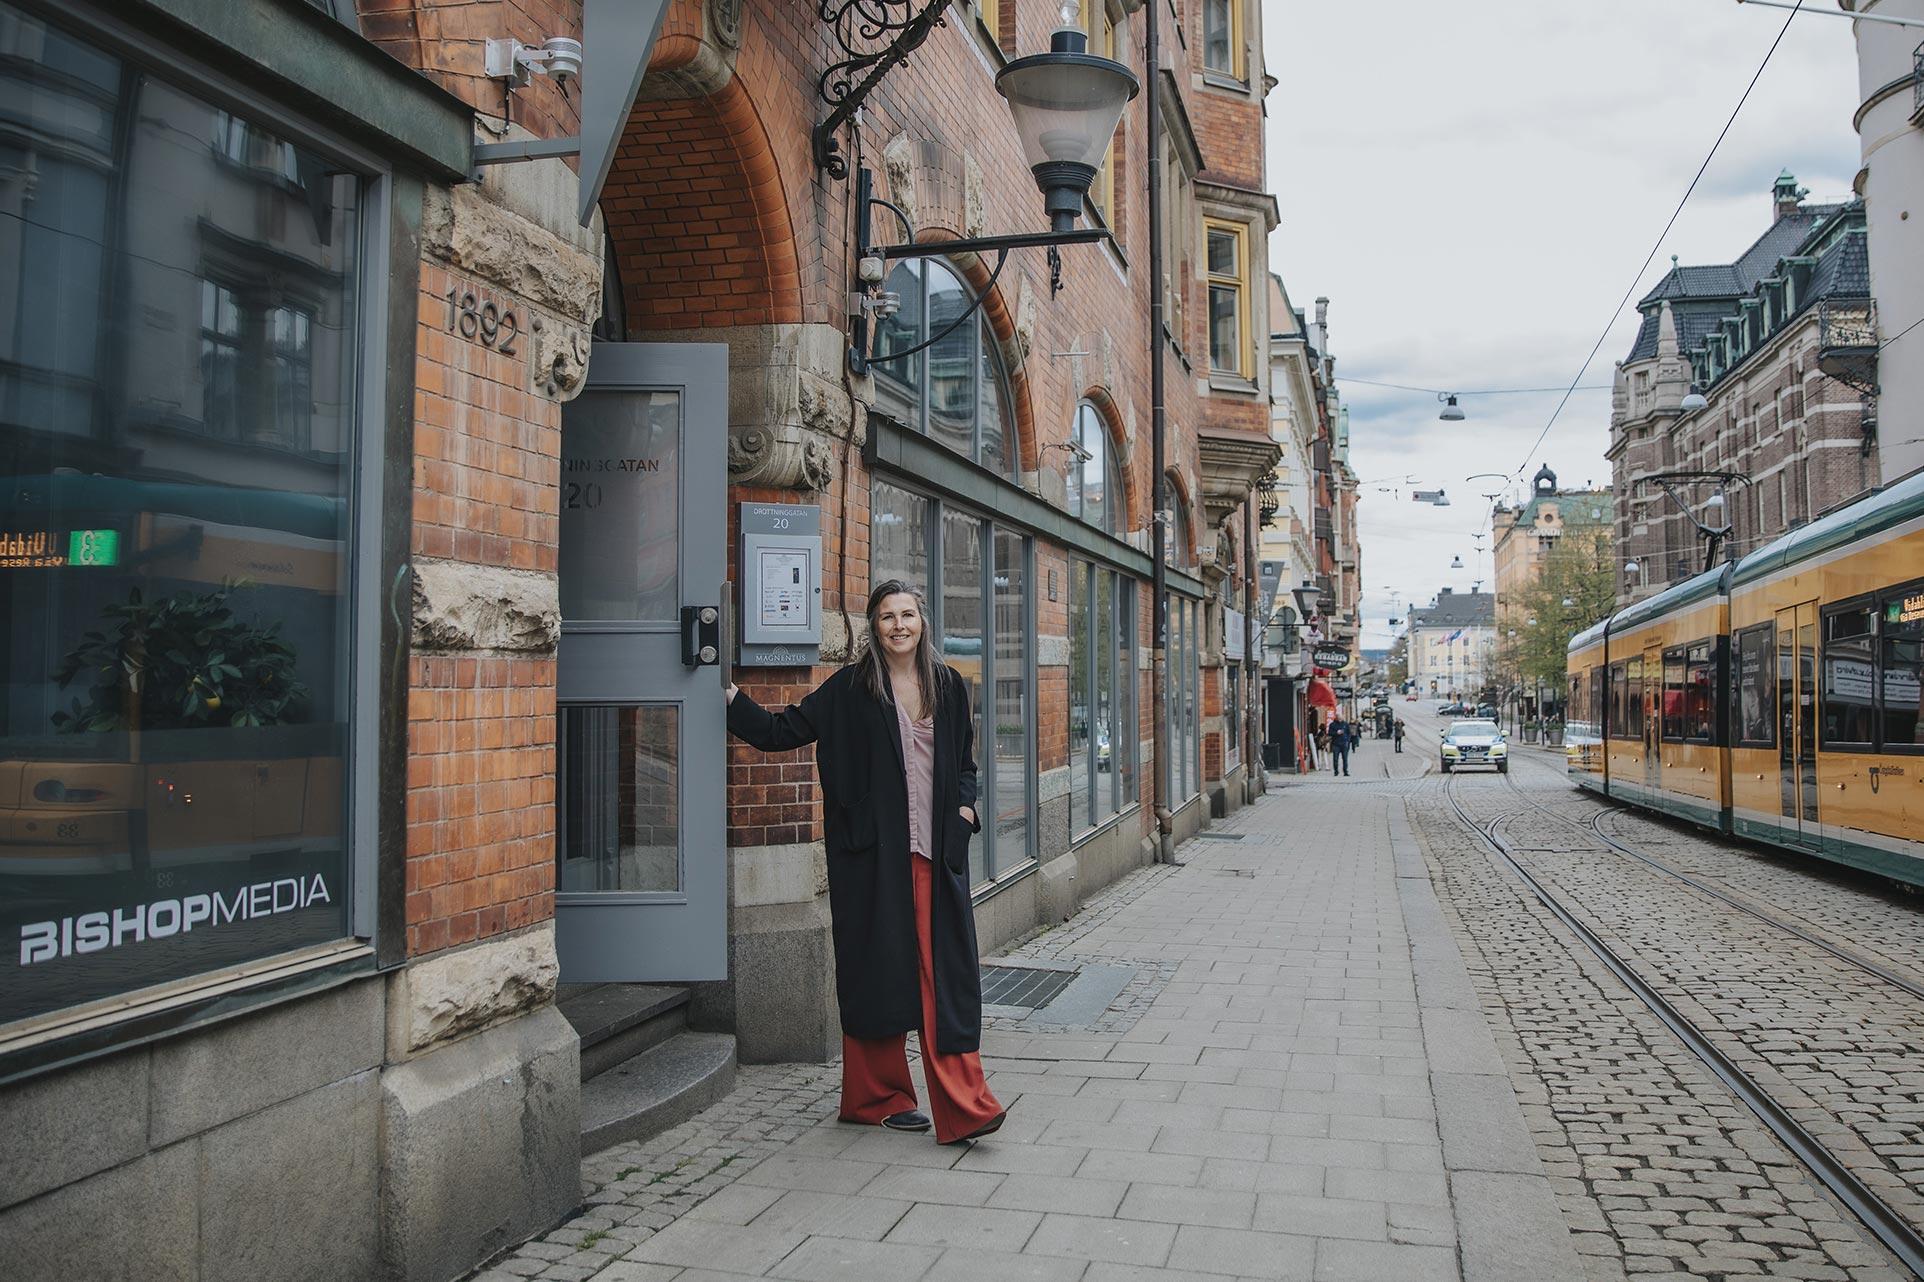 Vi är en webbyrå i Växjö som har kontor i Icon-huset